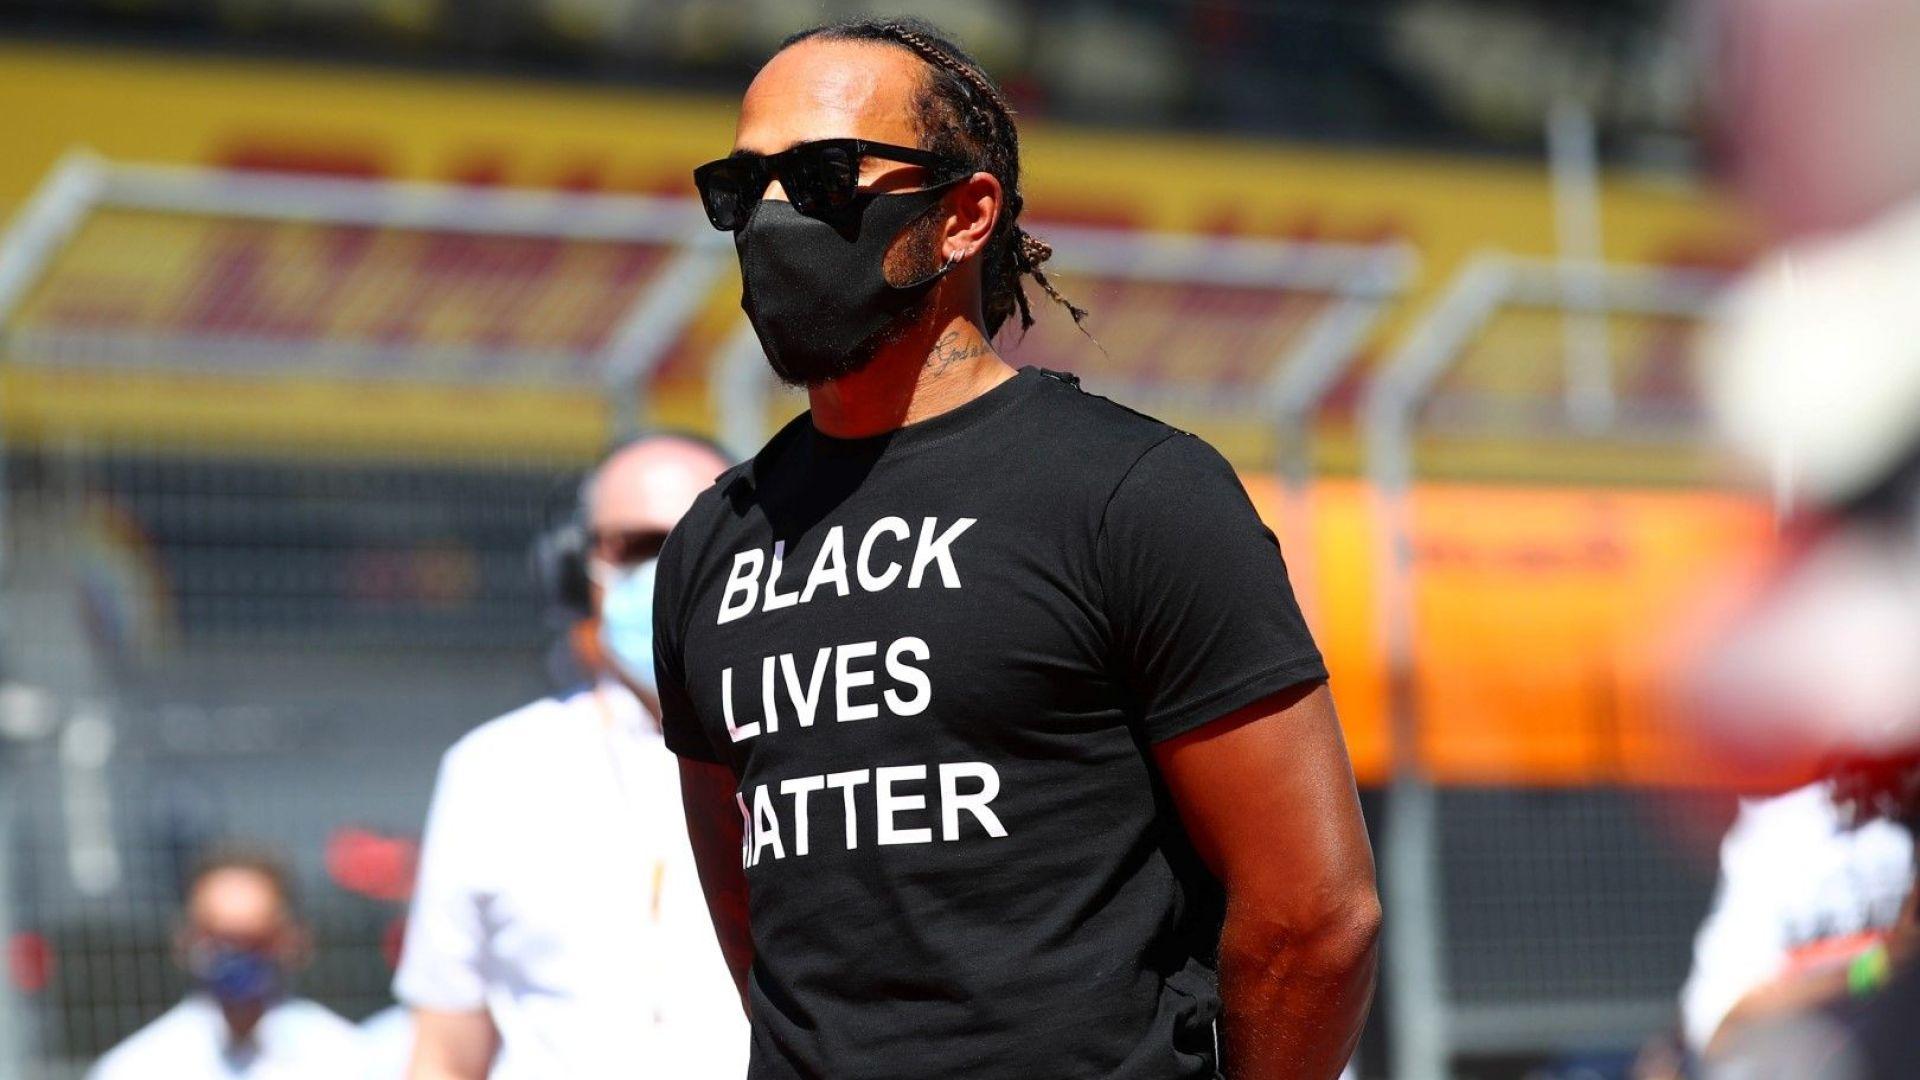 """Хамилтън атакува """"Ферари"""" и свои колеги за бездействие в битката с расизма"""